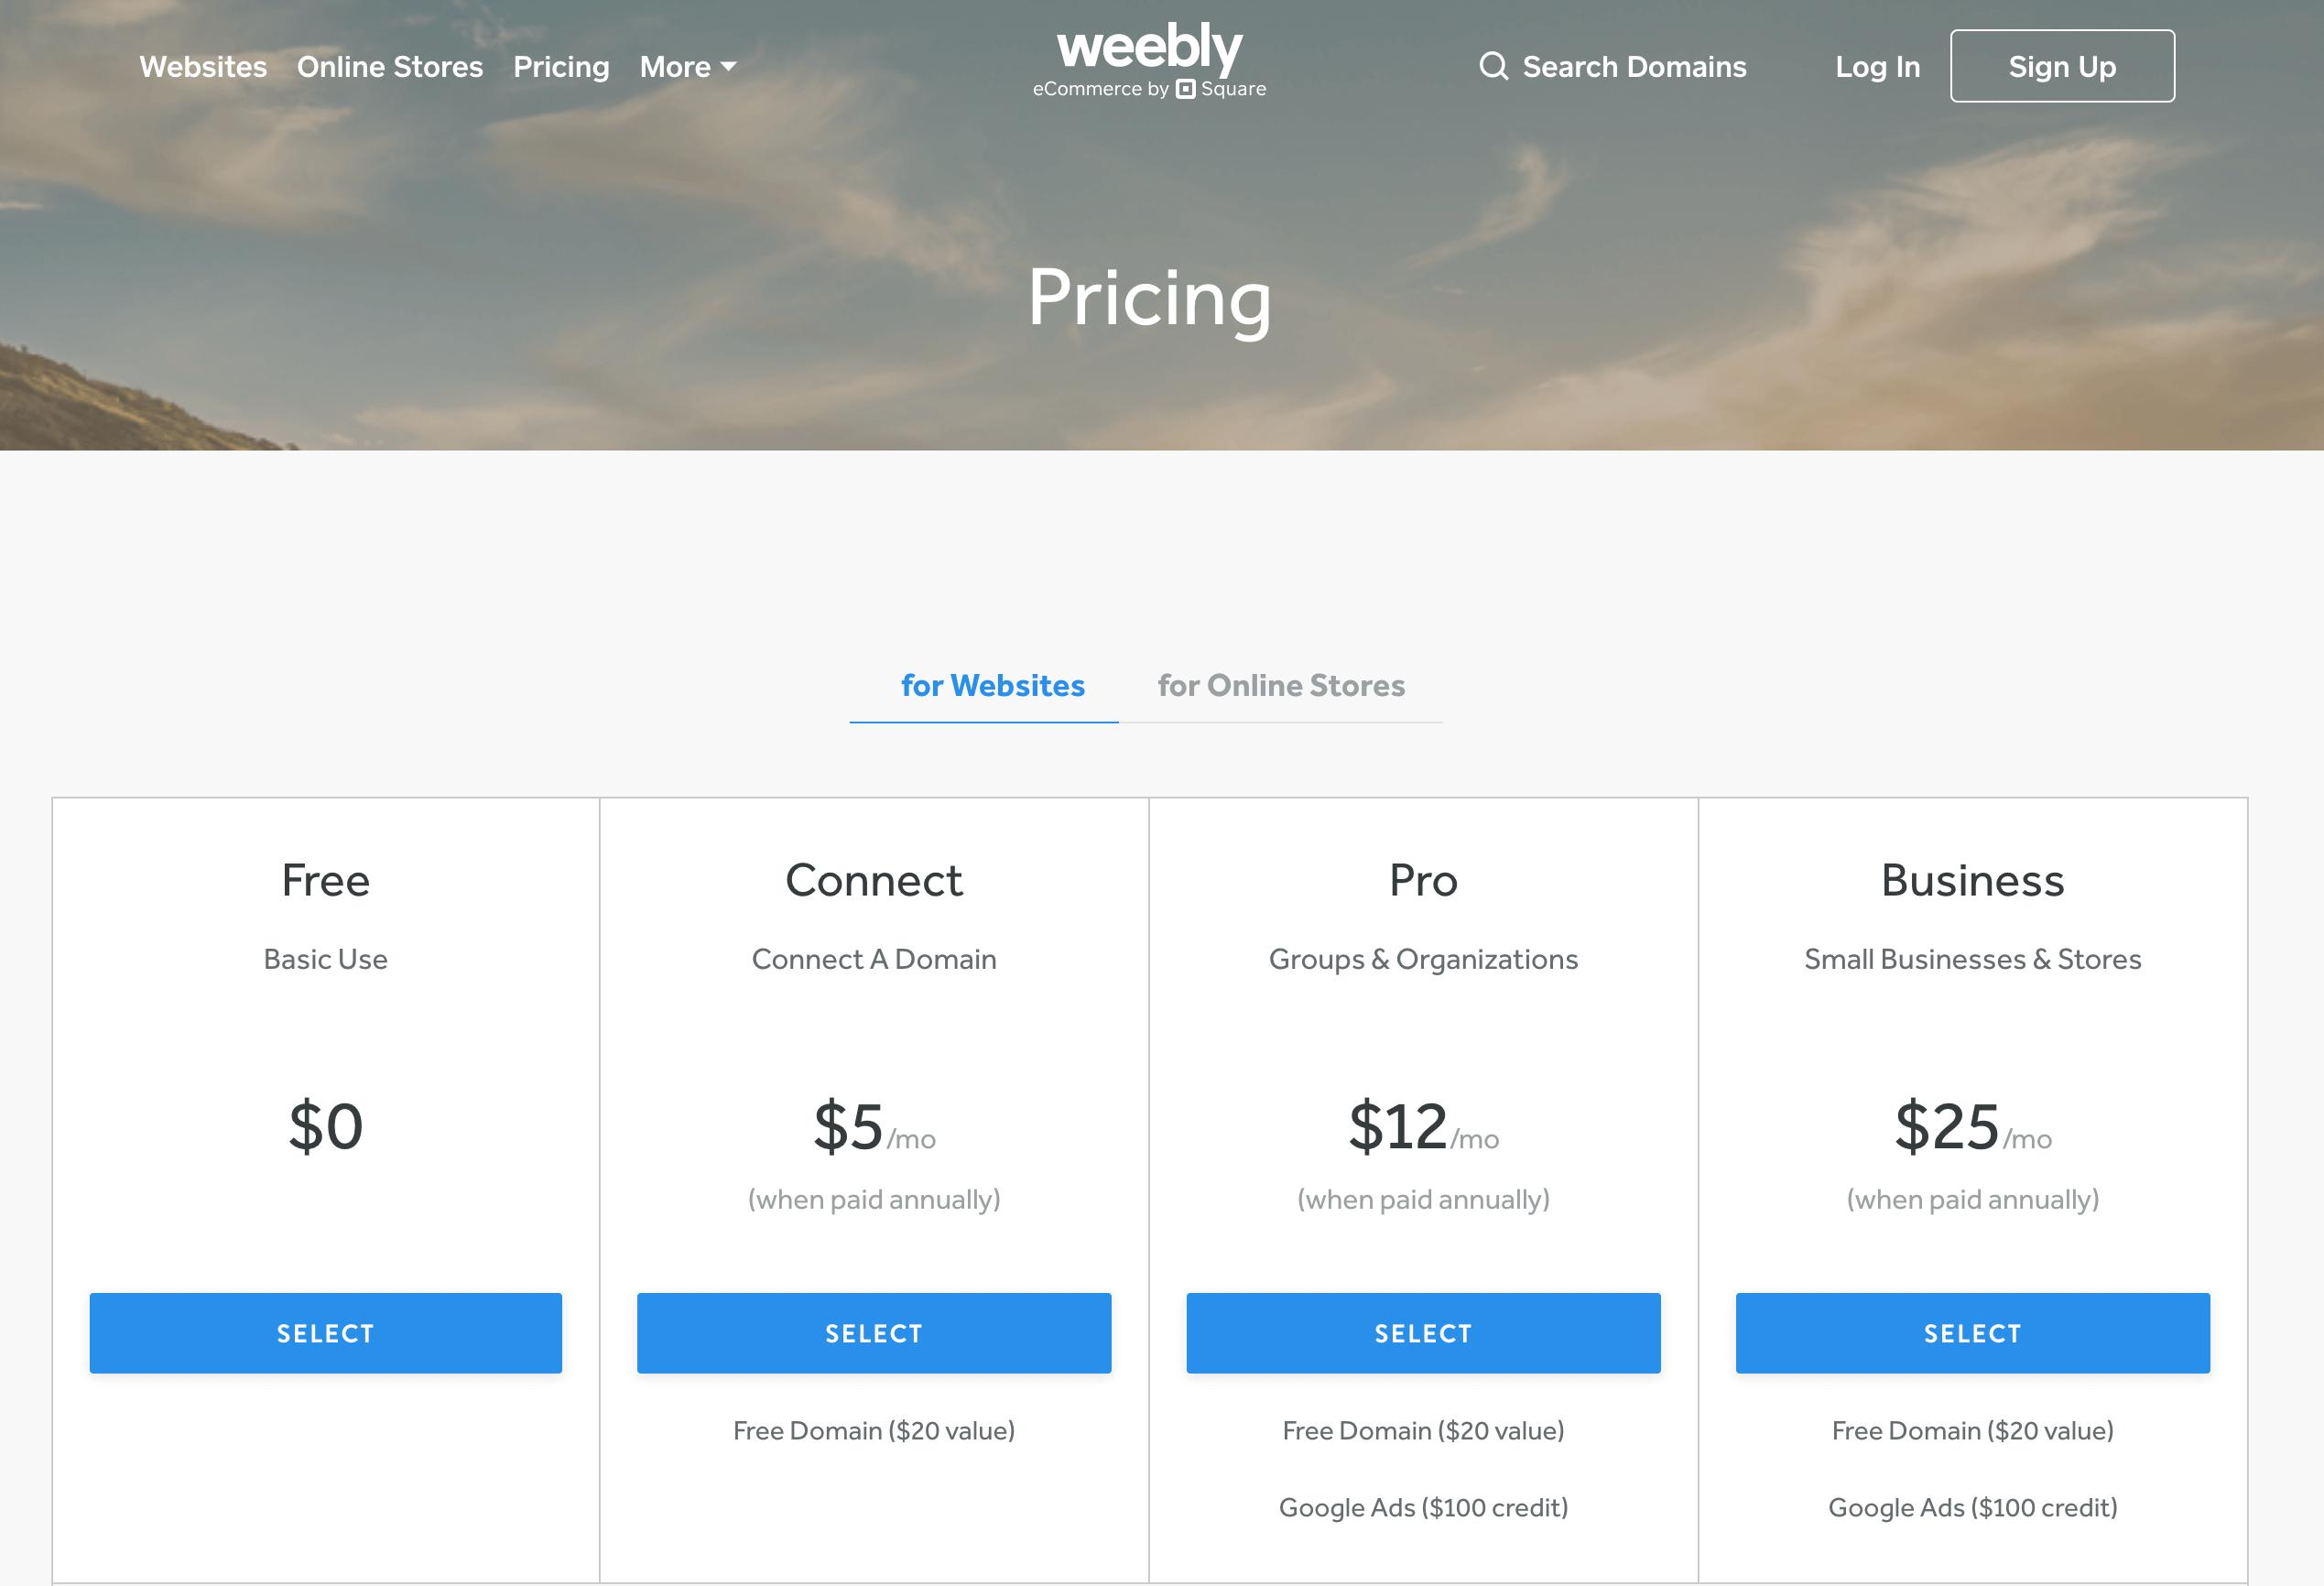 Planos de preços Weebly